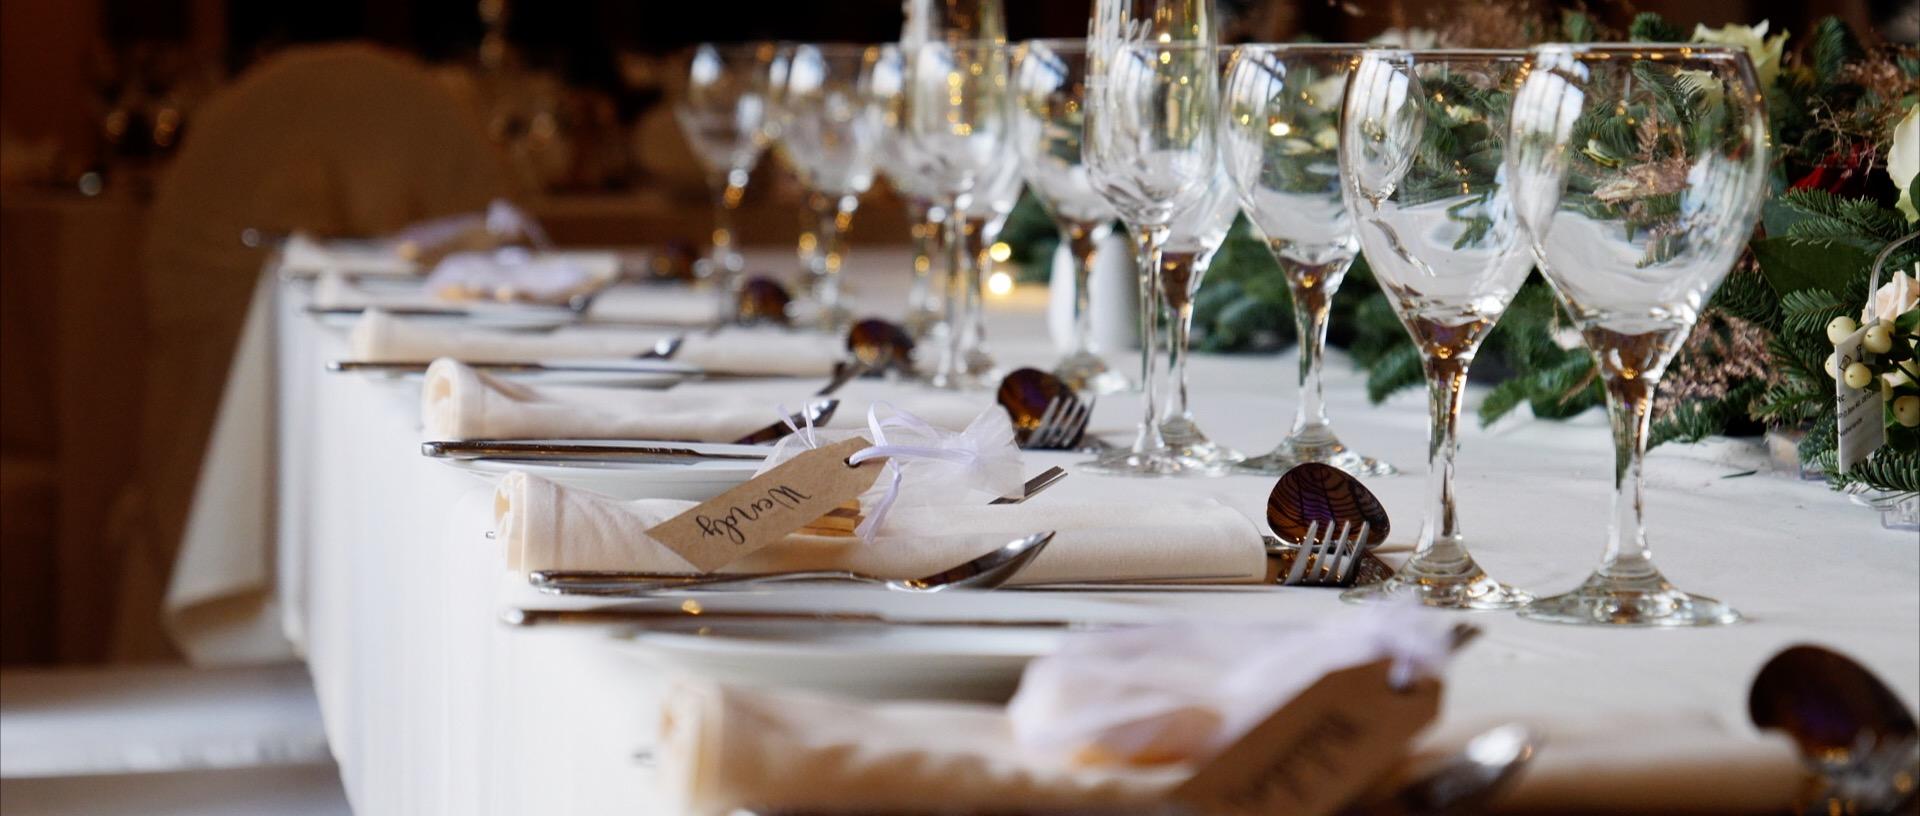 Crondon Park Wedding Details 3 Cheers Media.jpg